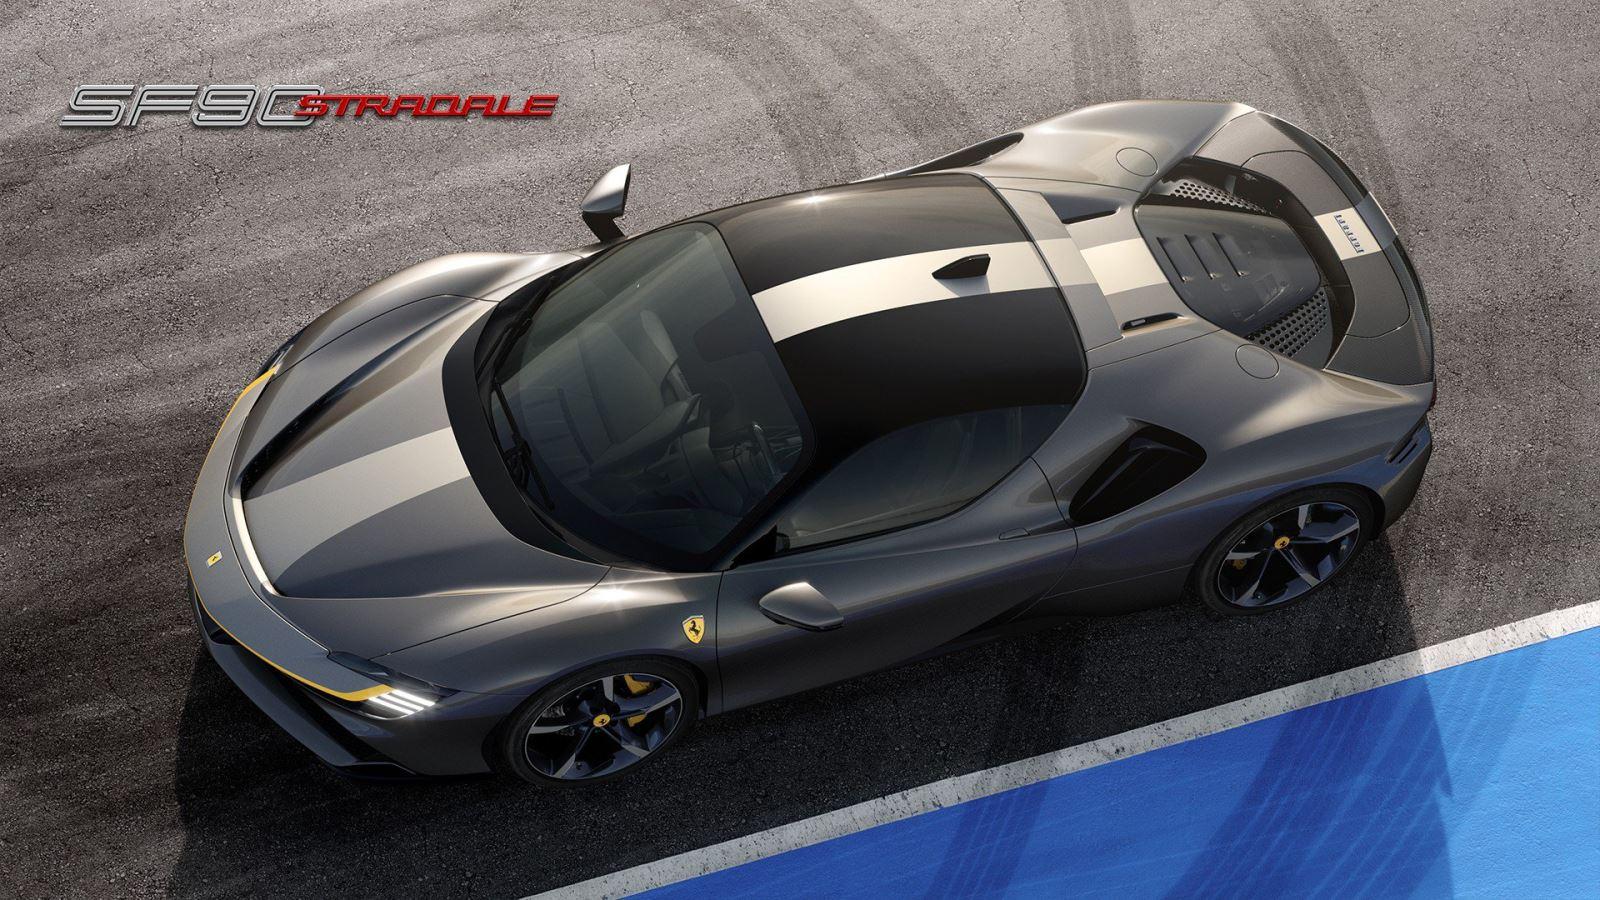 """Sắp có siêu xe Ferrari giá """"dễ thương"""" được tung ra thị trường?"""